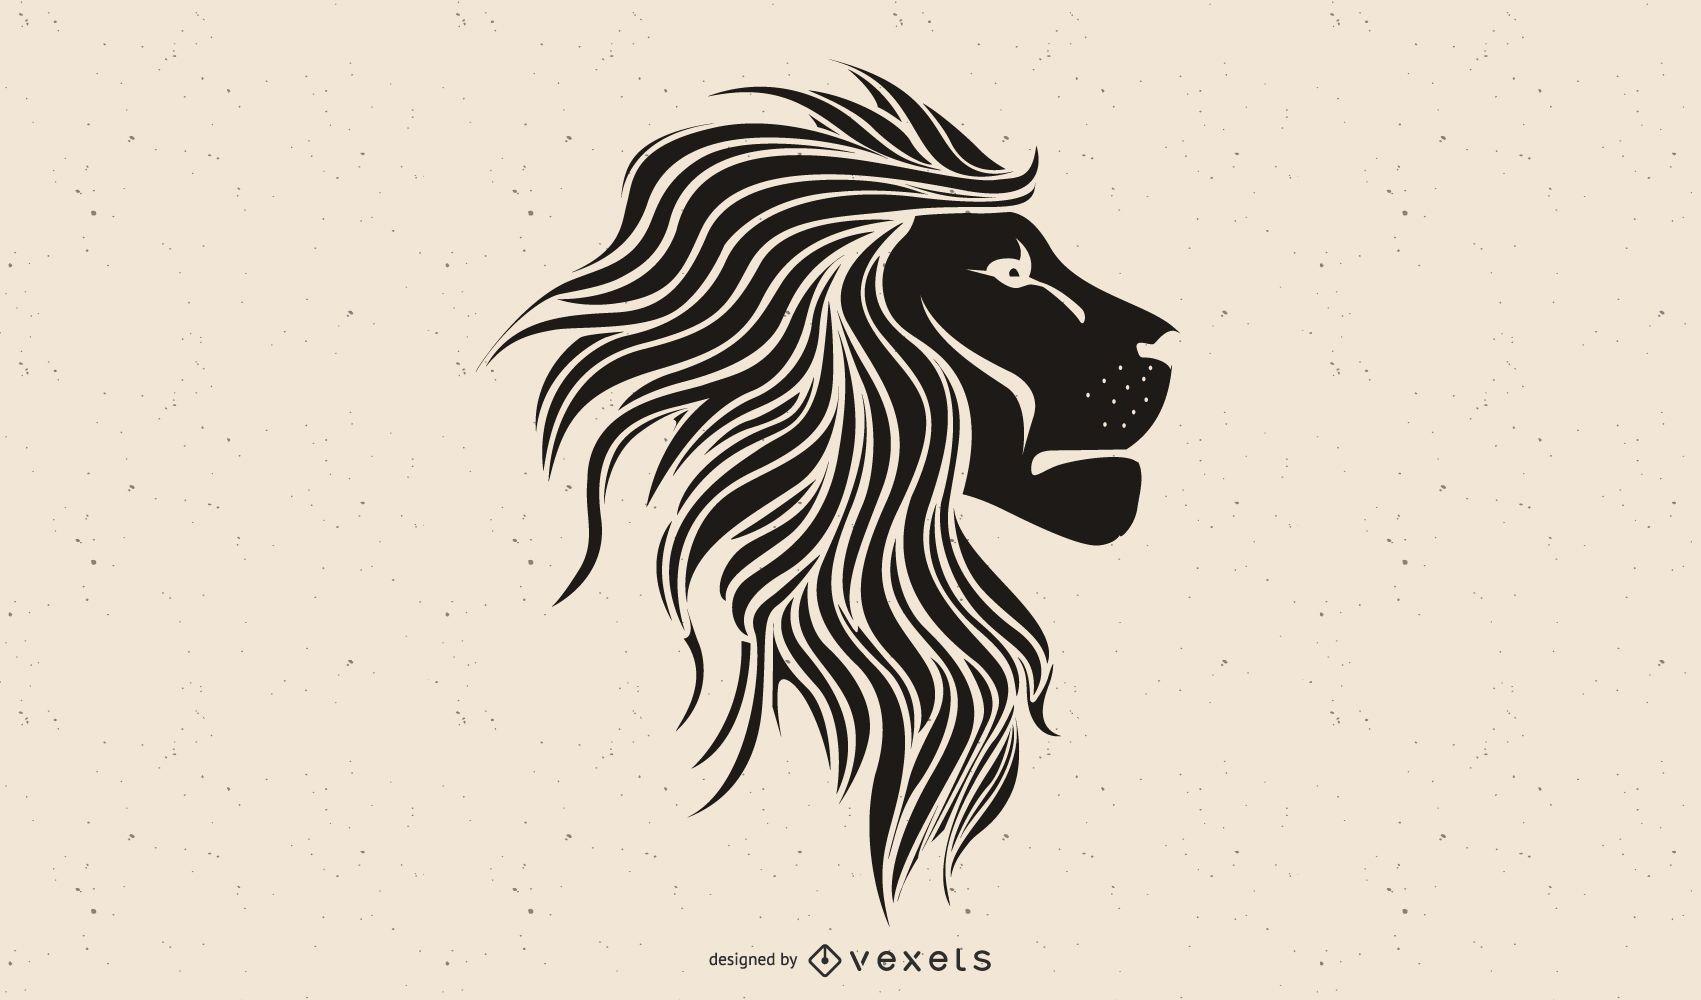 diseño de ilustración de cabeza de león negro